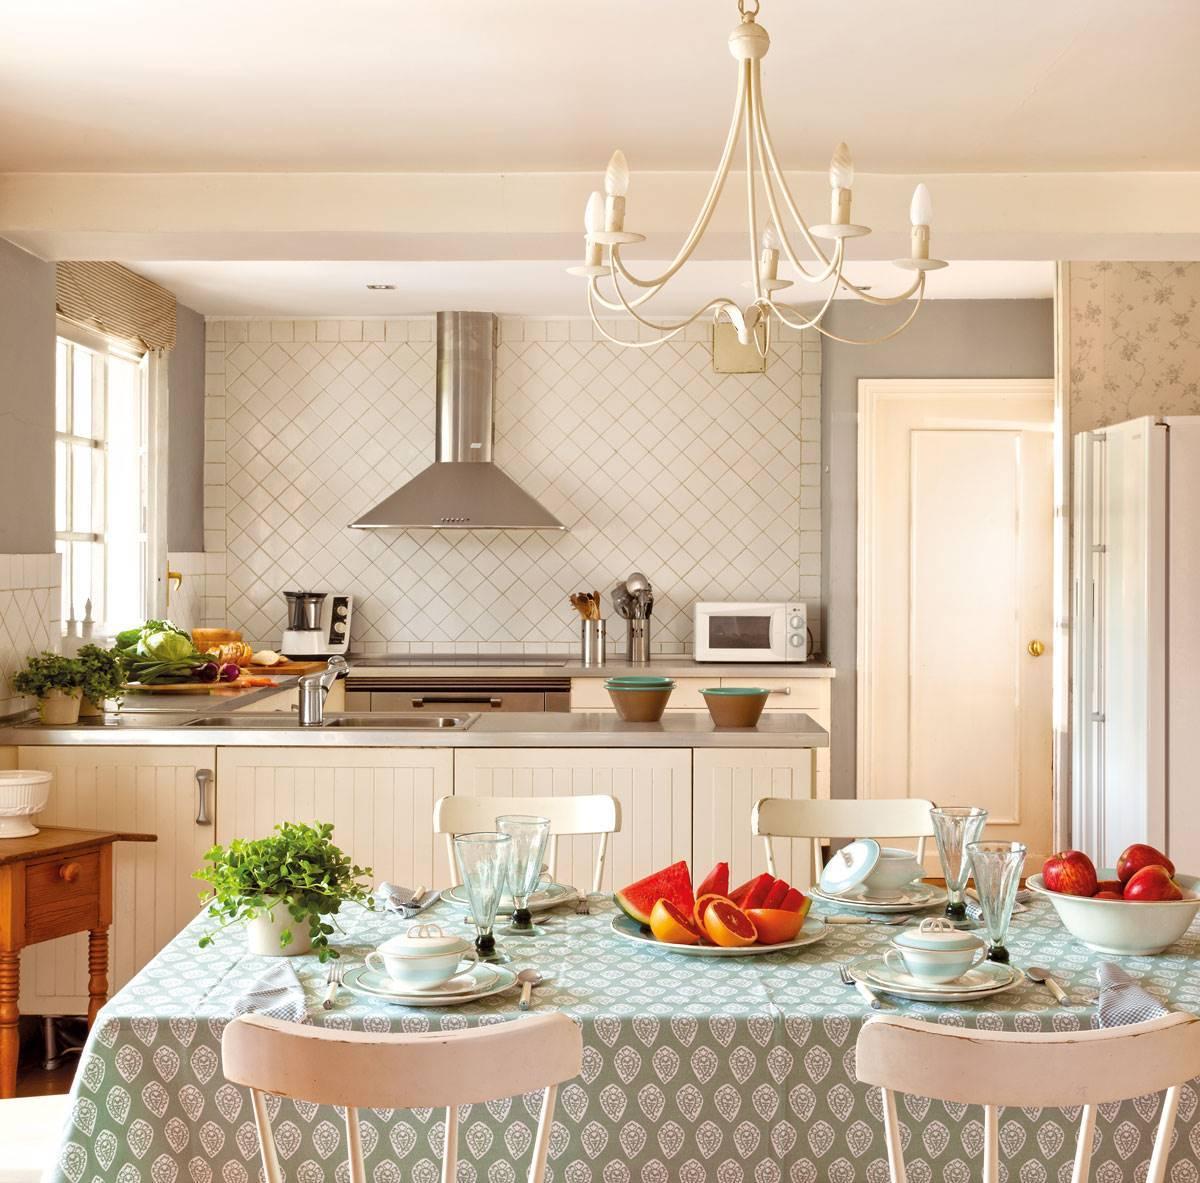 rustic-kitchen-with-tile-backsplash-370308.  Original details